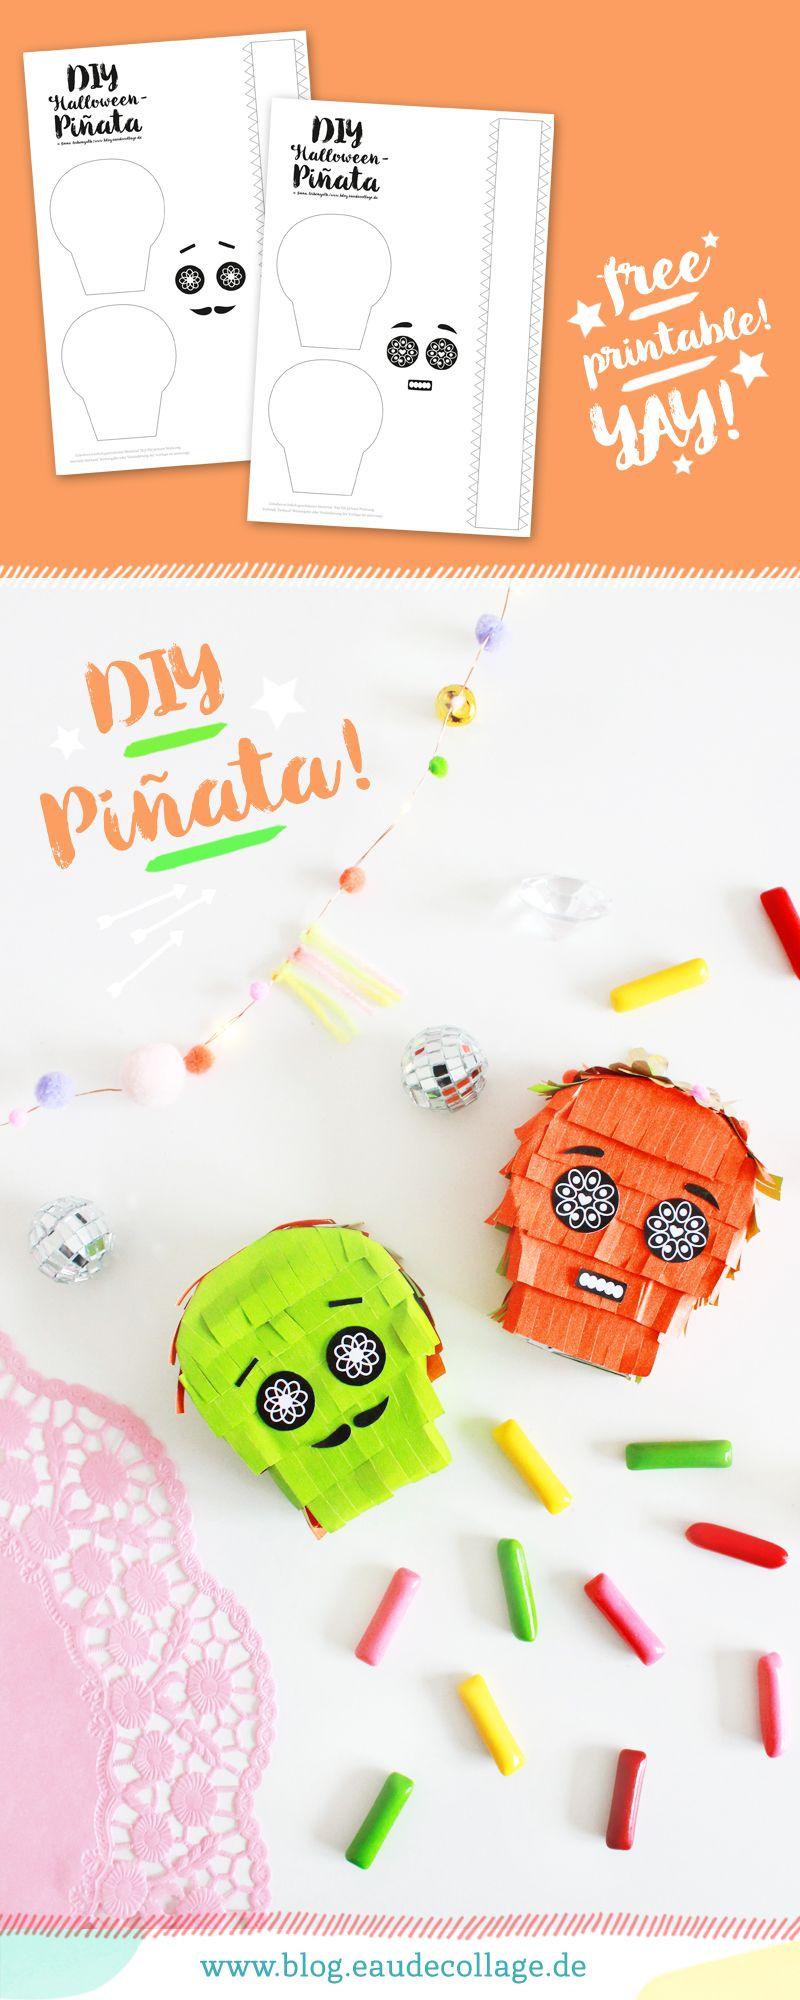 Halloween Basteln Teenager.Diy Halloween Pinata Basteln Sugar Skull Free Printable Diy Blog Halloween Selber Machen Kleine Geschenke Freundin Basteln Mit Teenager